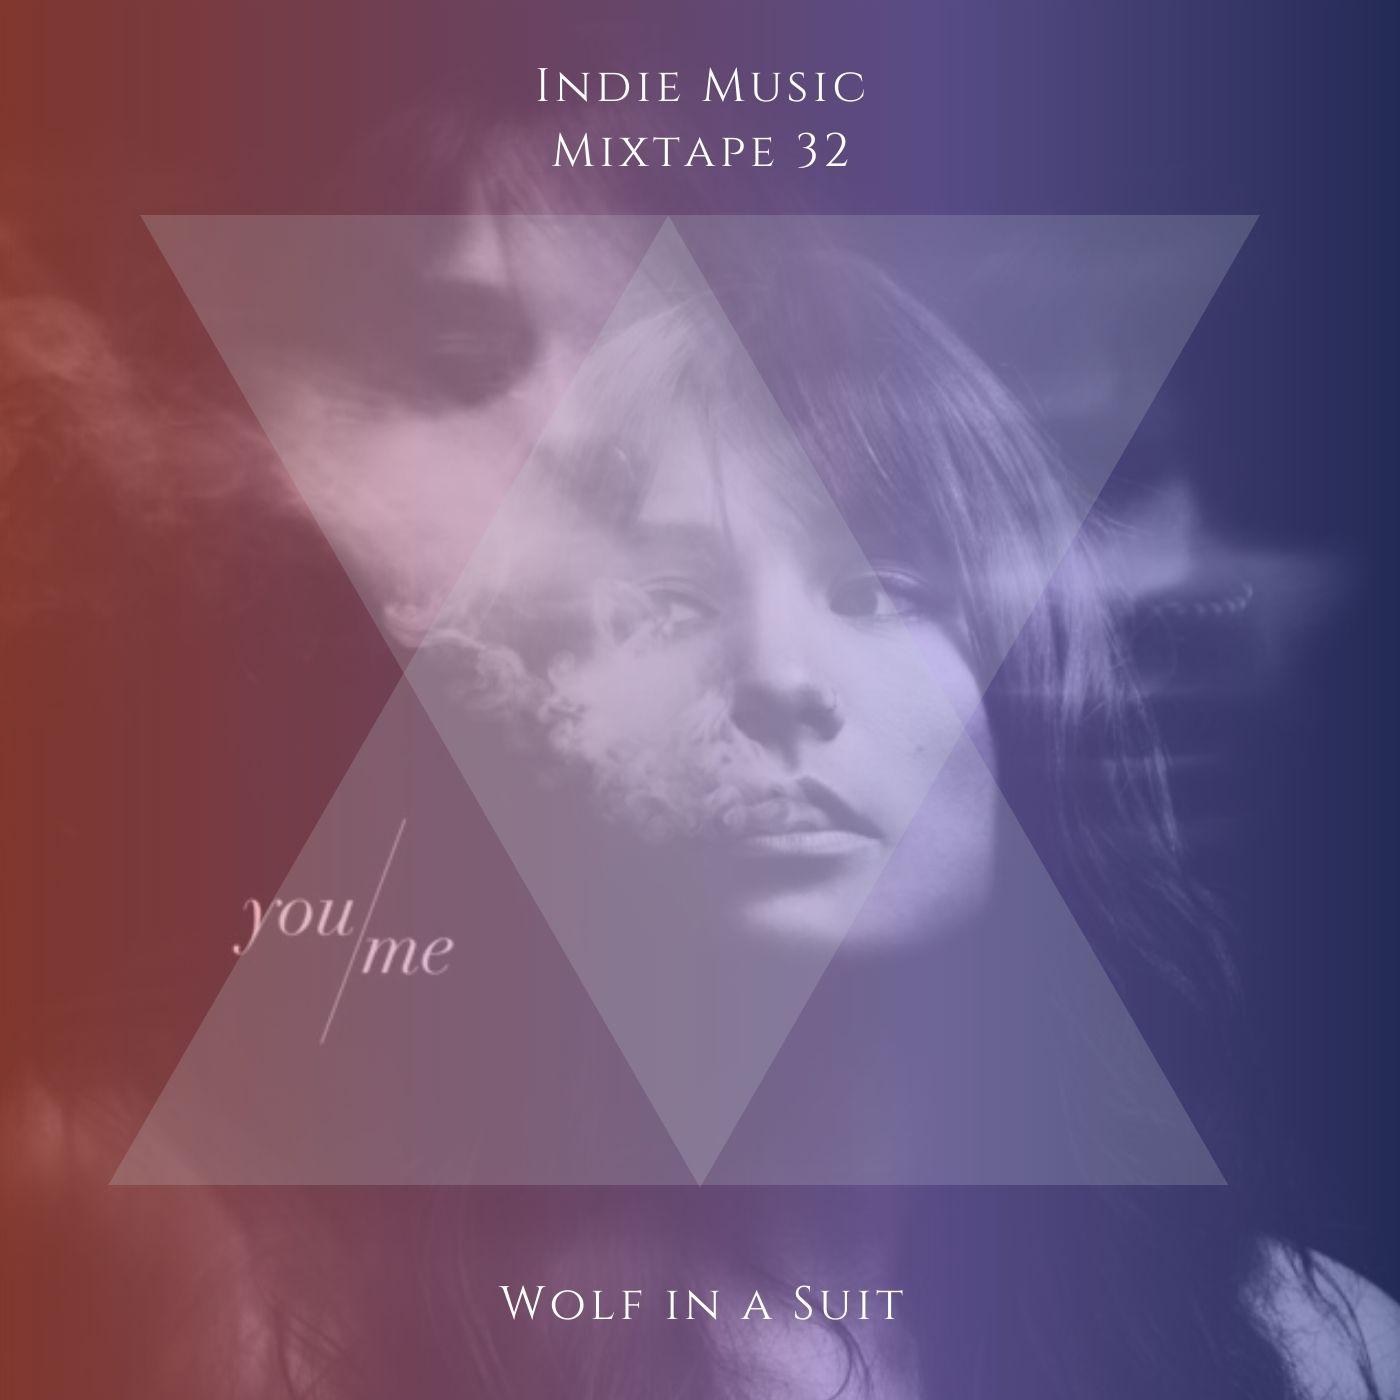 indie music mixtape - 32 - indie - indie music - indie pop - indie rock - indie folk - laylist - music blog - wolf in a suit - wolfinasuit - wolf in a suit blog - wolf in a suit music blog